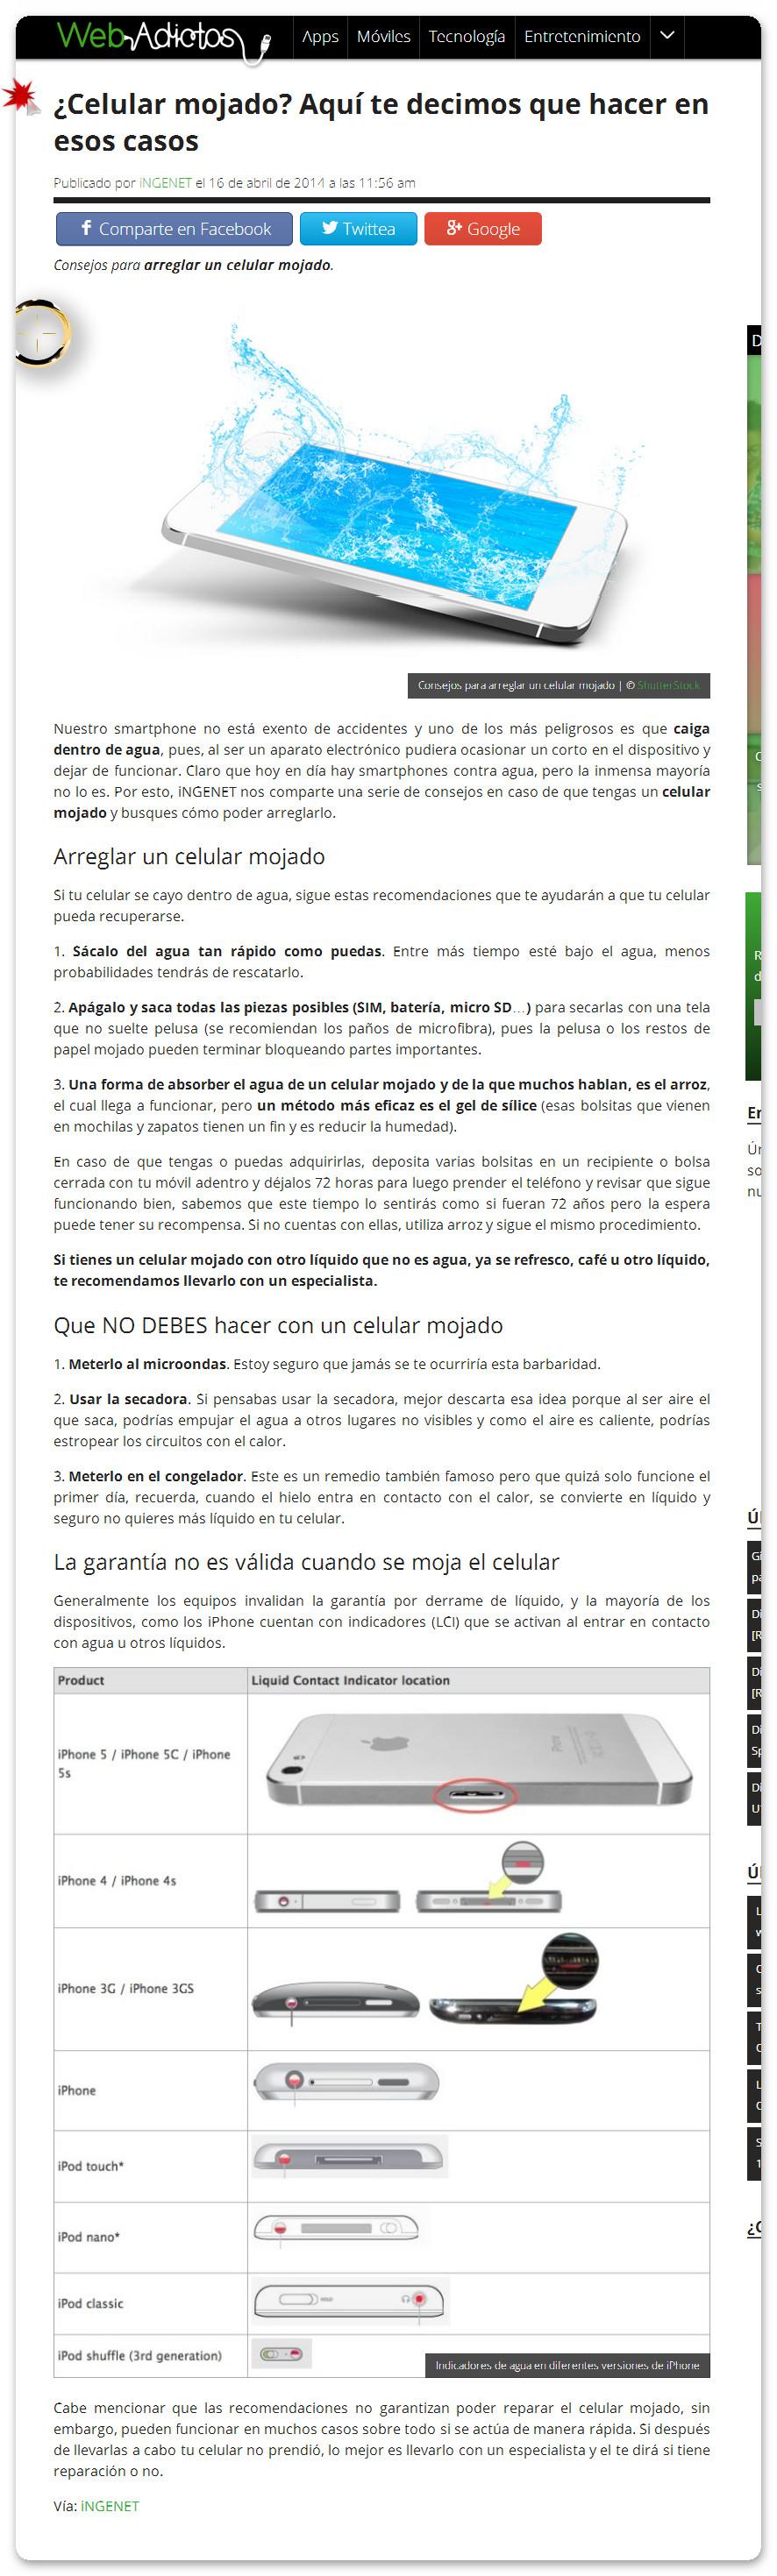 #RecoemndacionesDomingueras